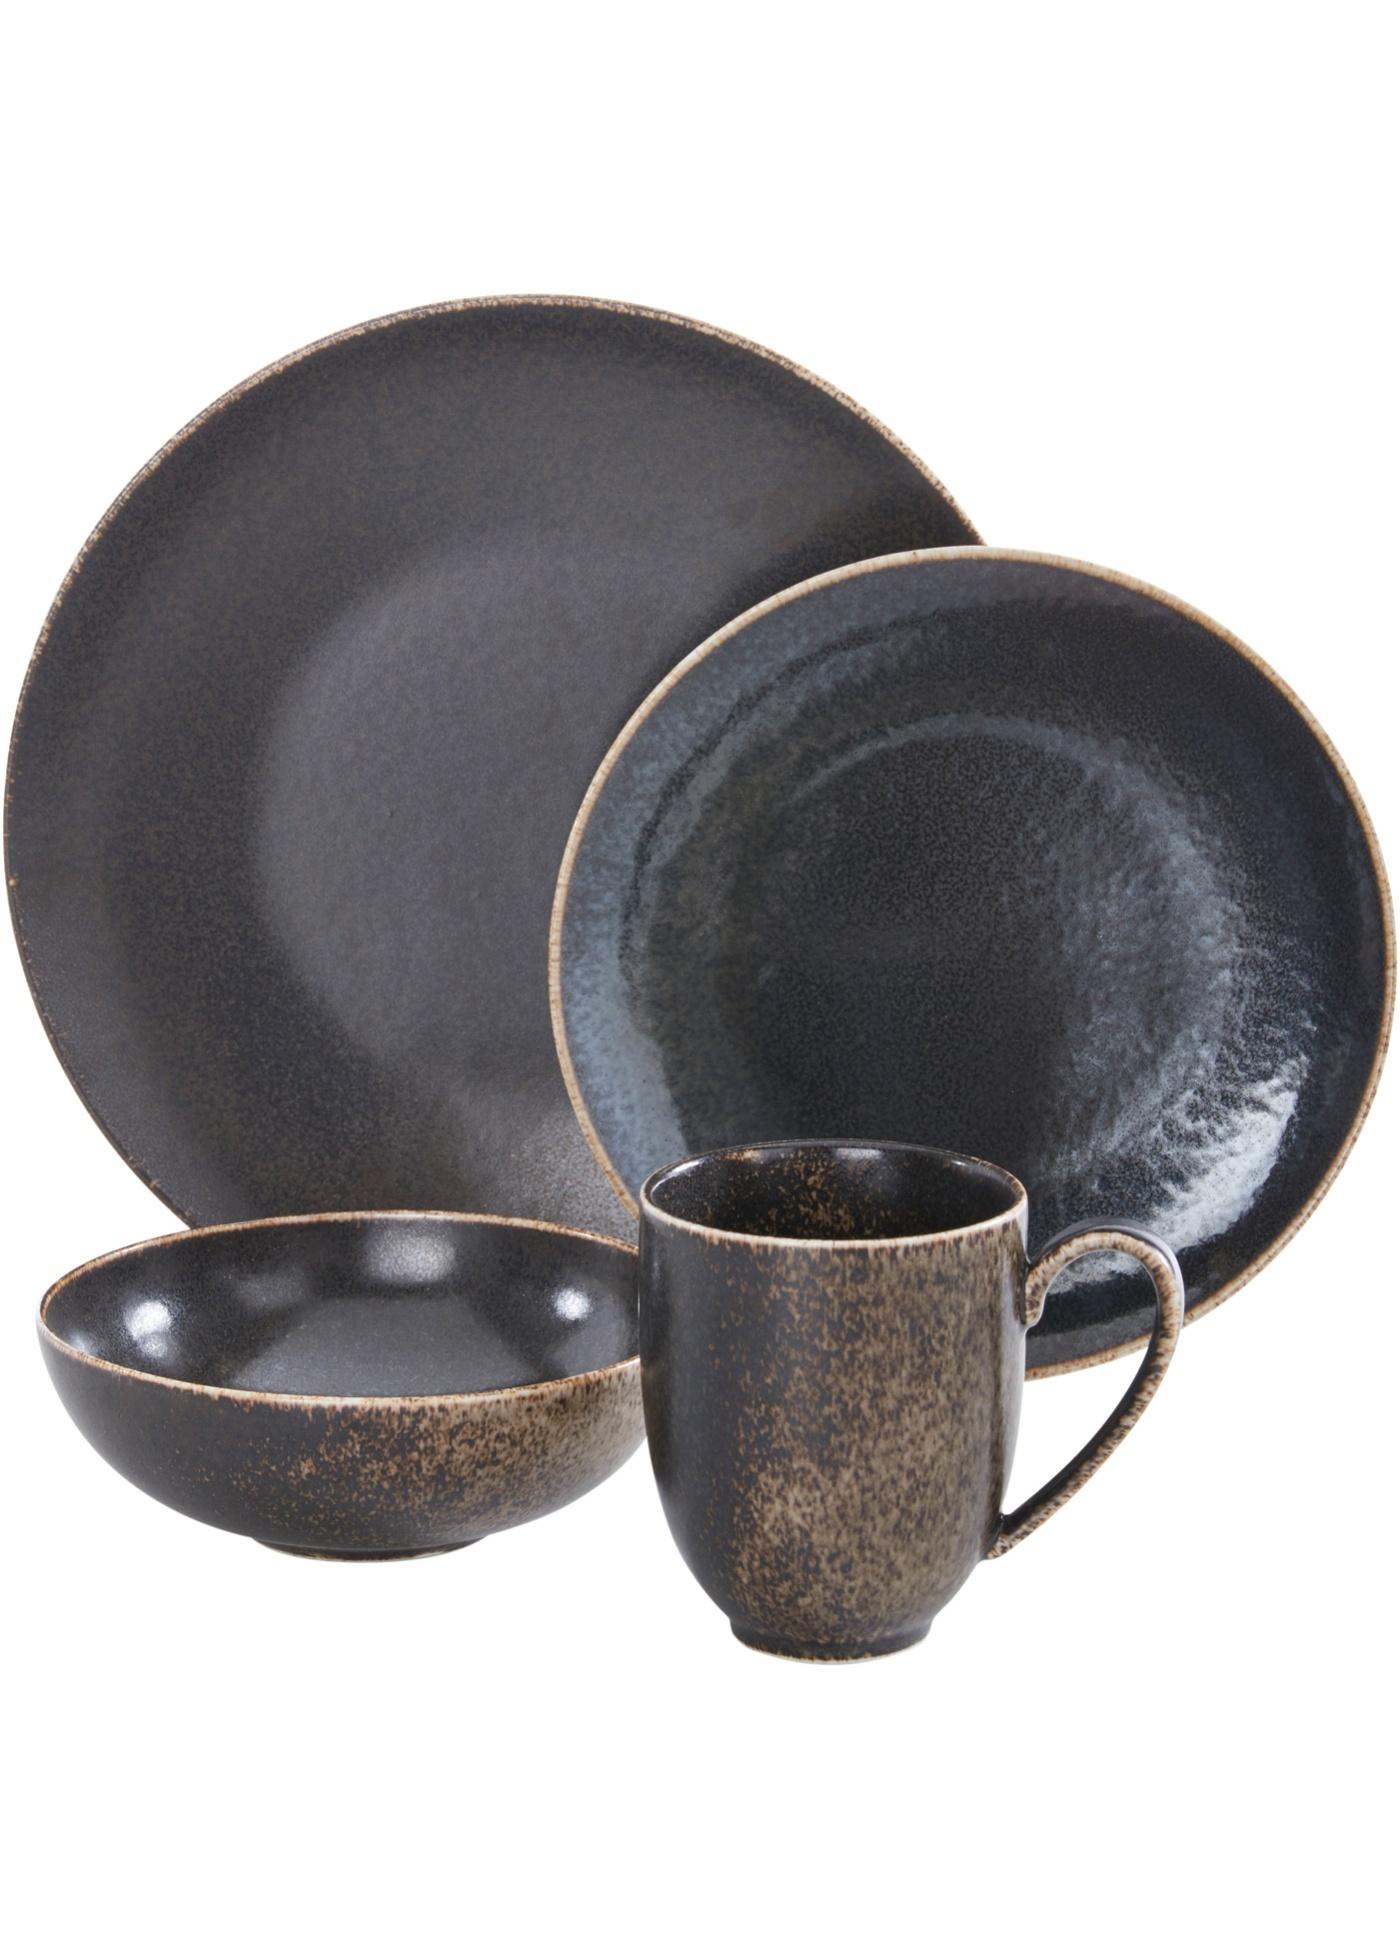 Service vaisselle rustique (Ens. 16 pces.)